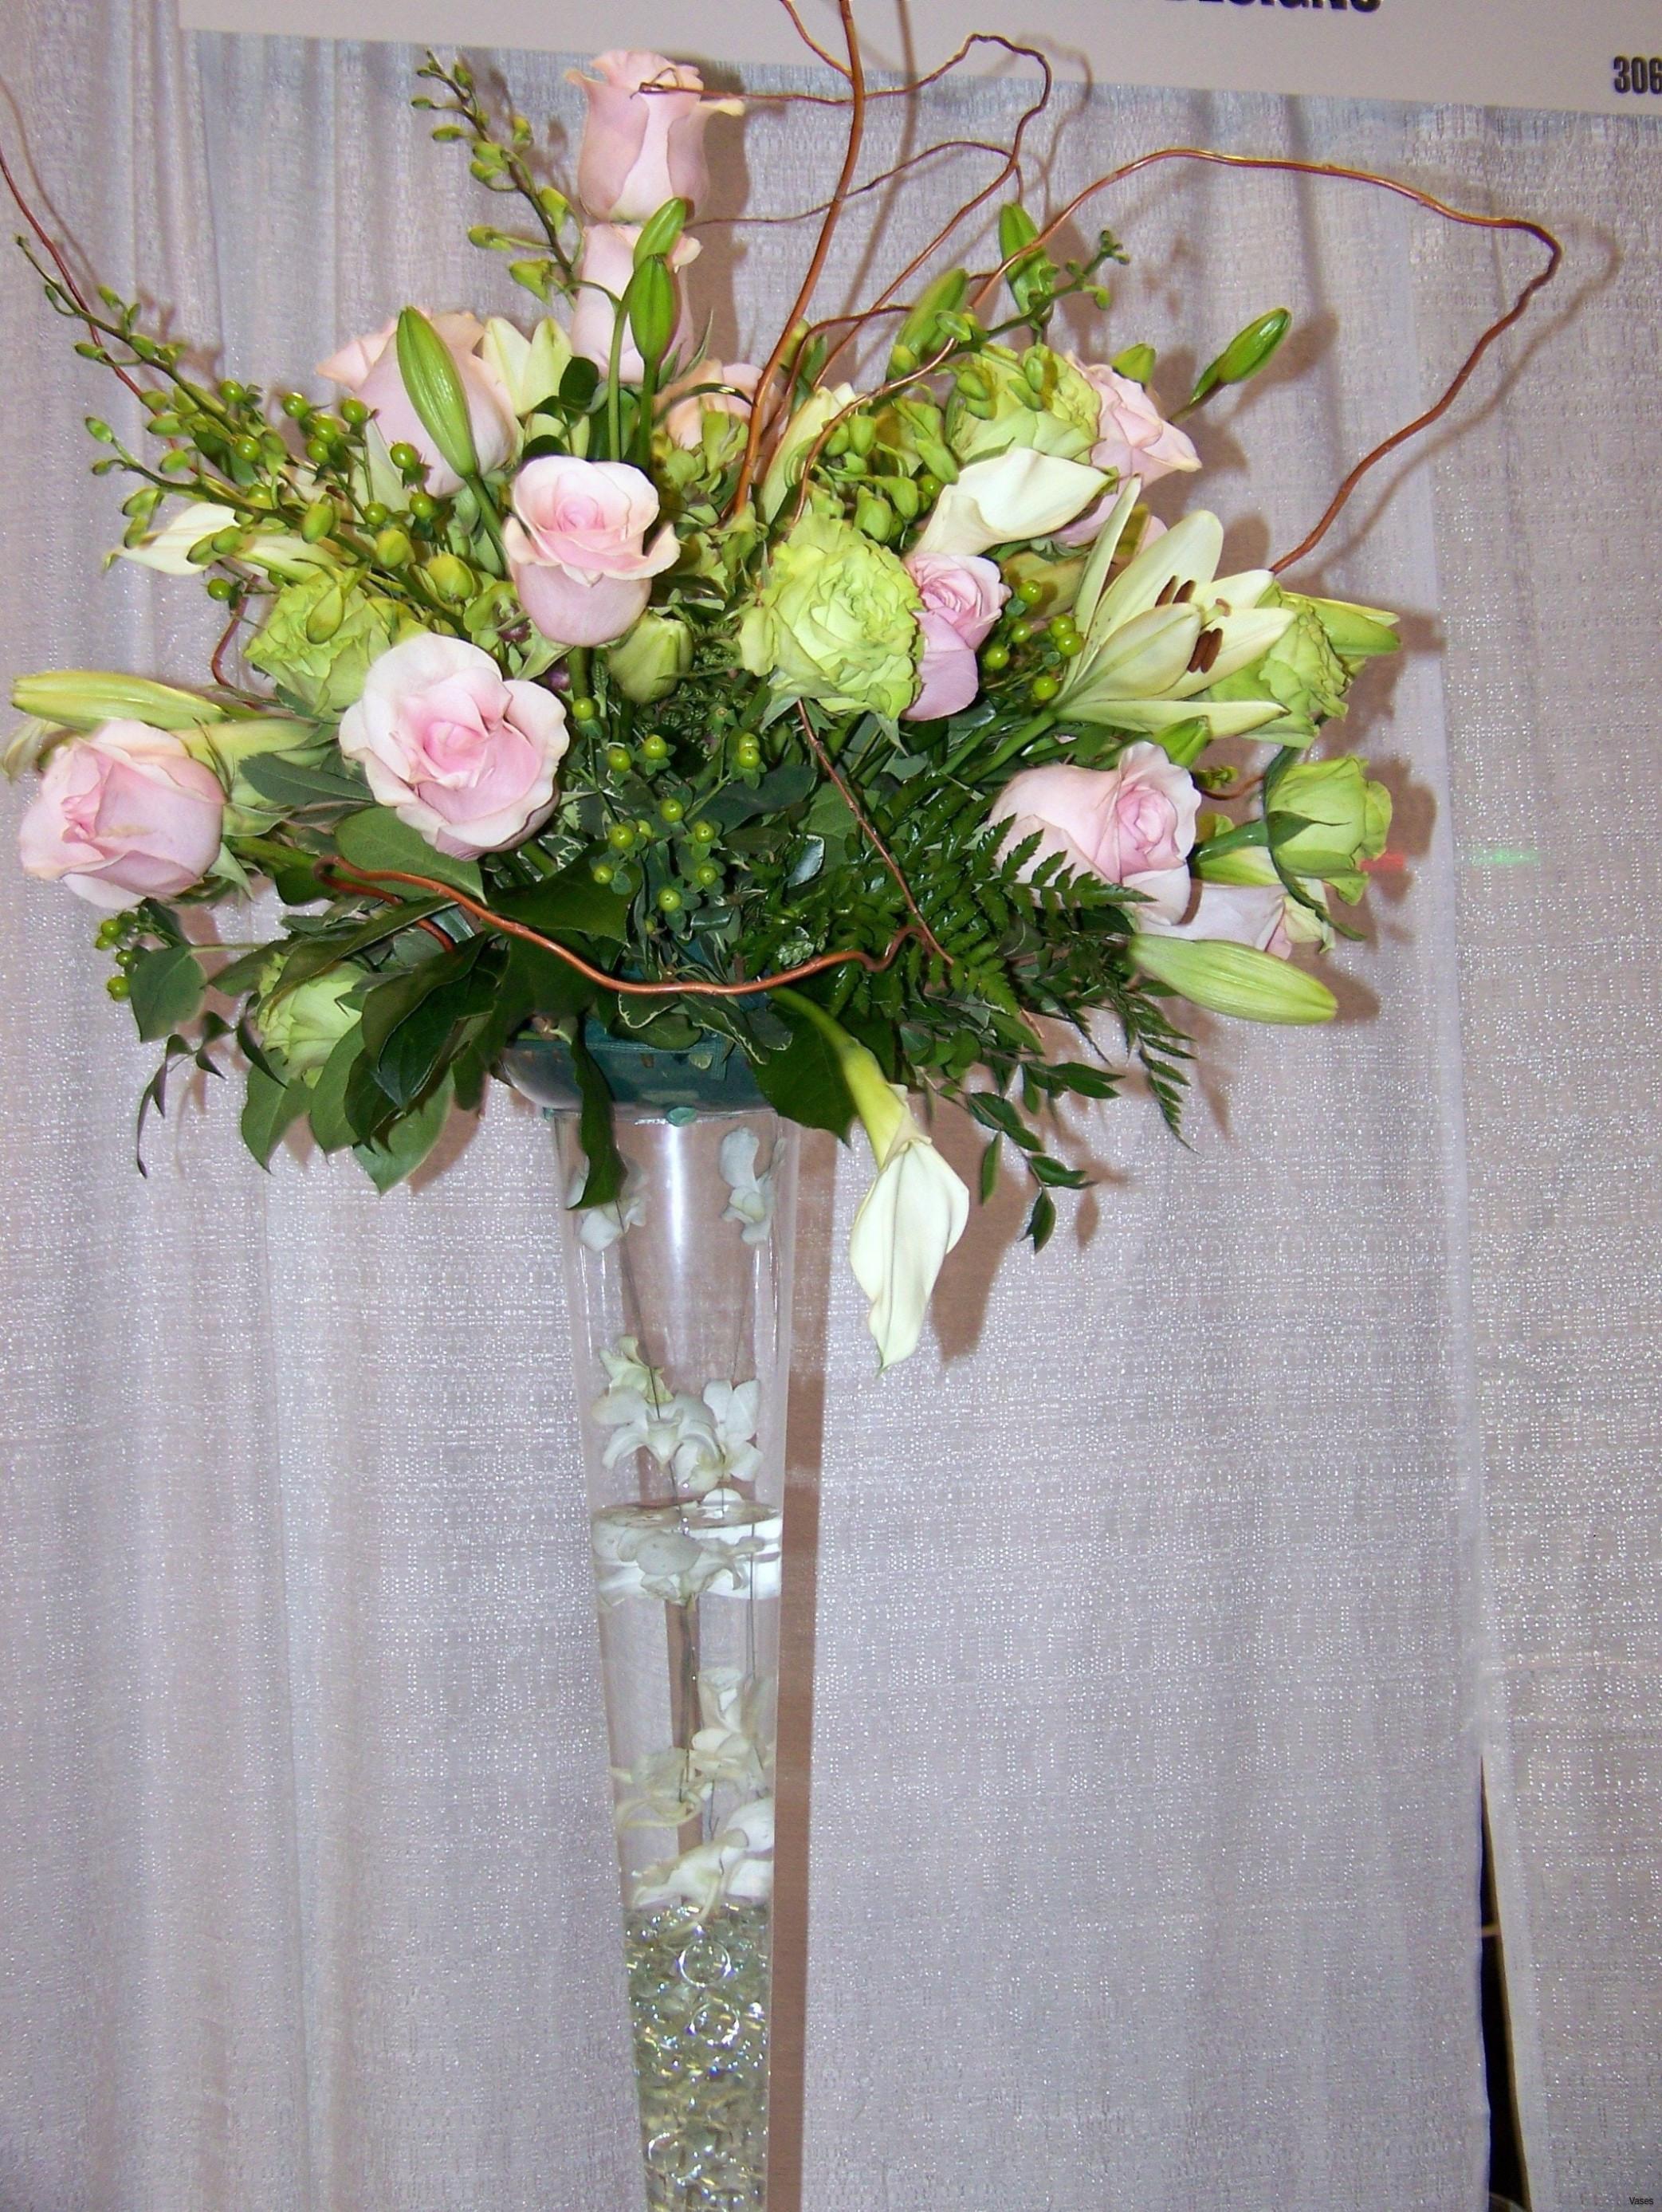 cheap vases walmart of outdoor wedding decor foothillfolk designs inside h vases ideas for floral arrangements in i 0d design ideas design